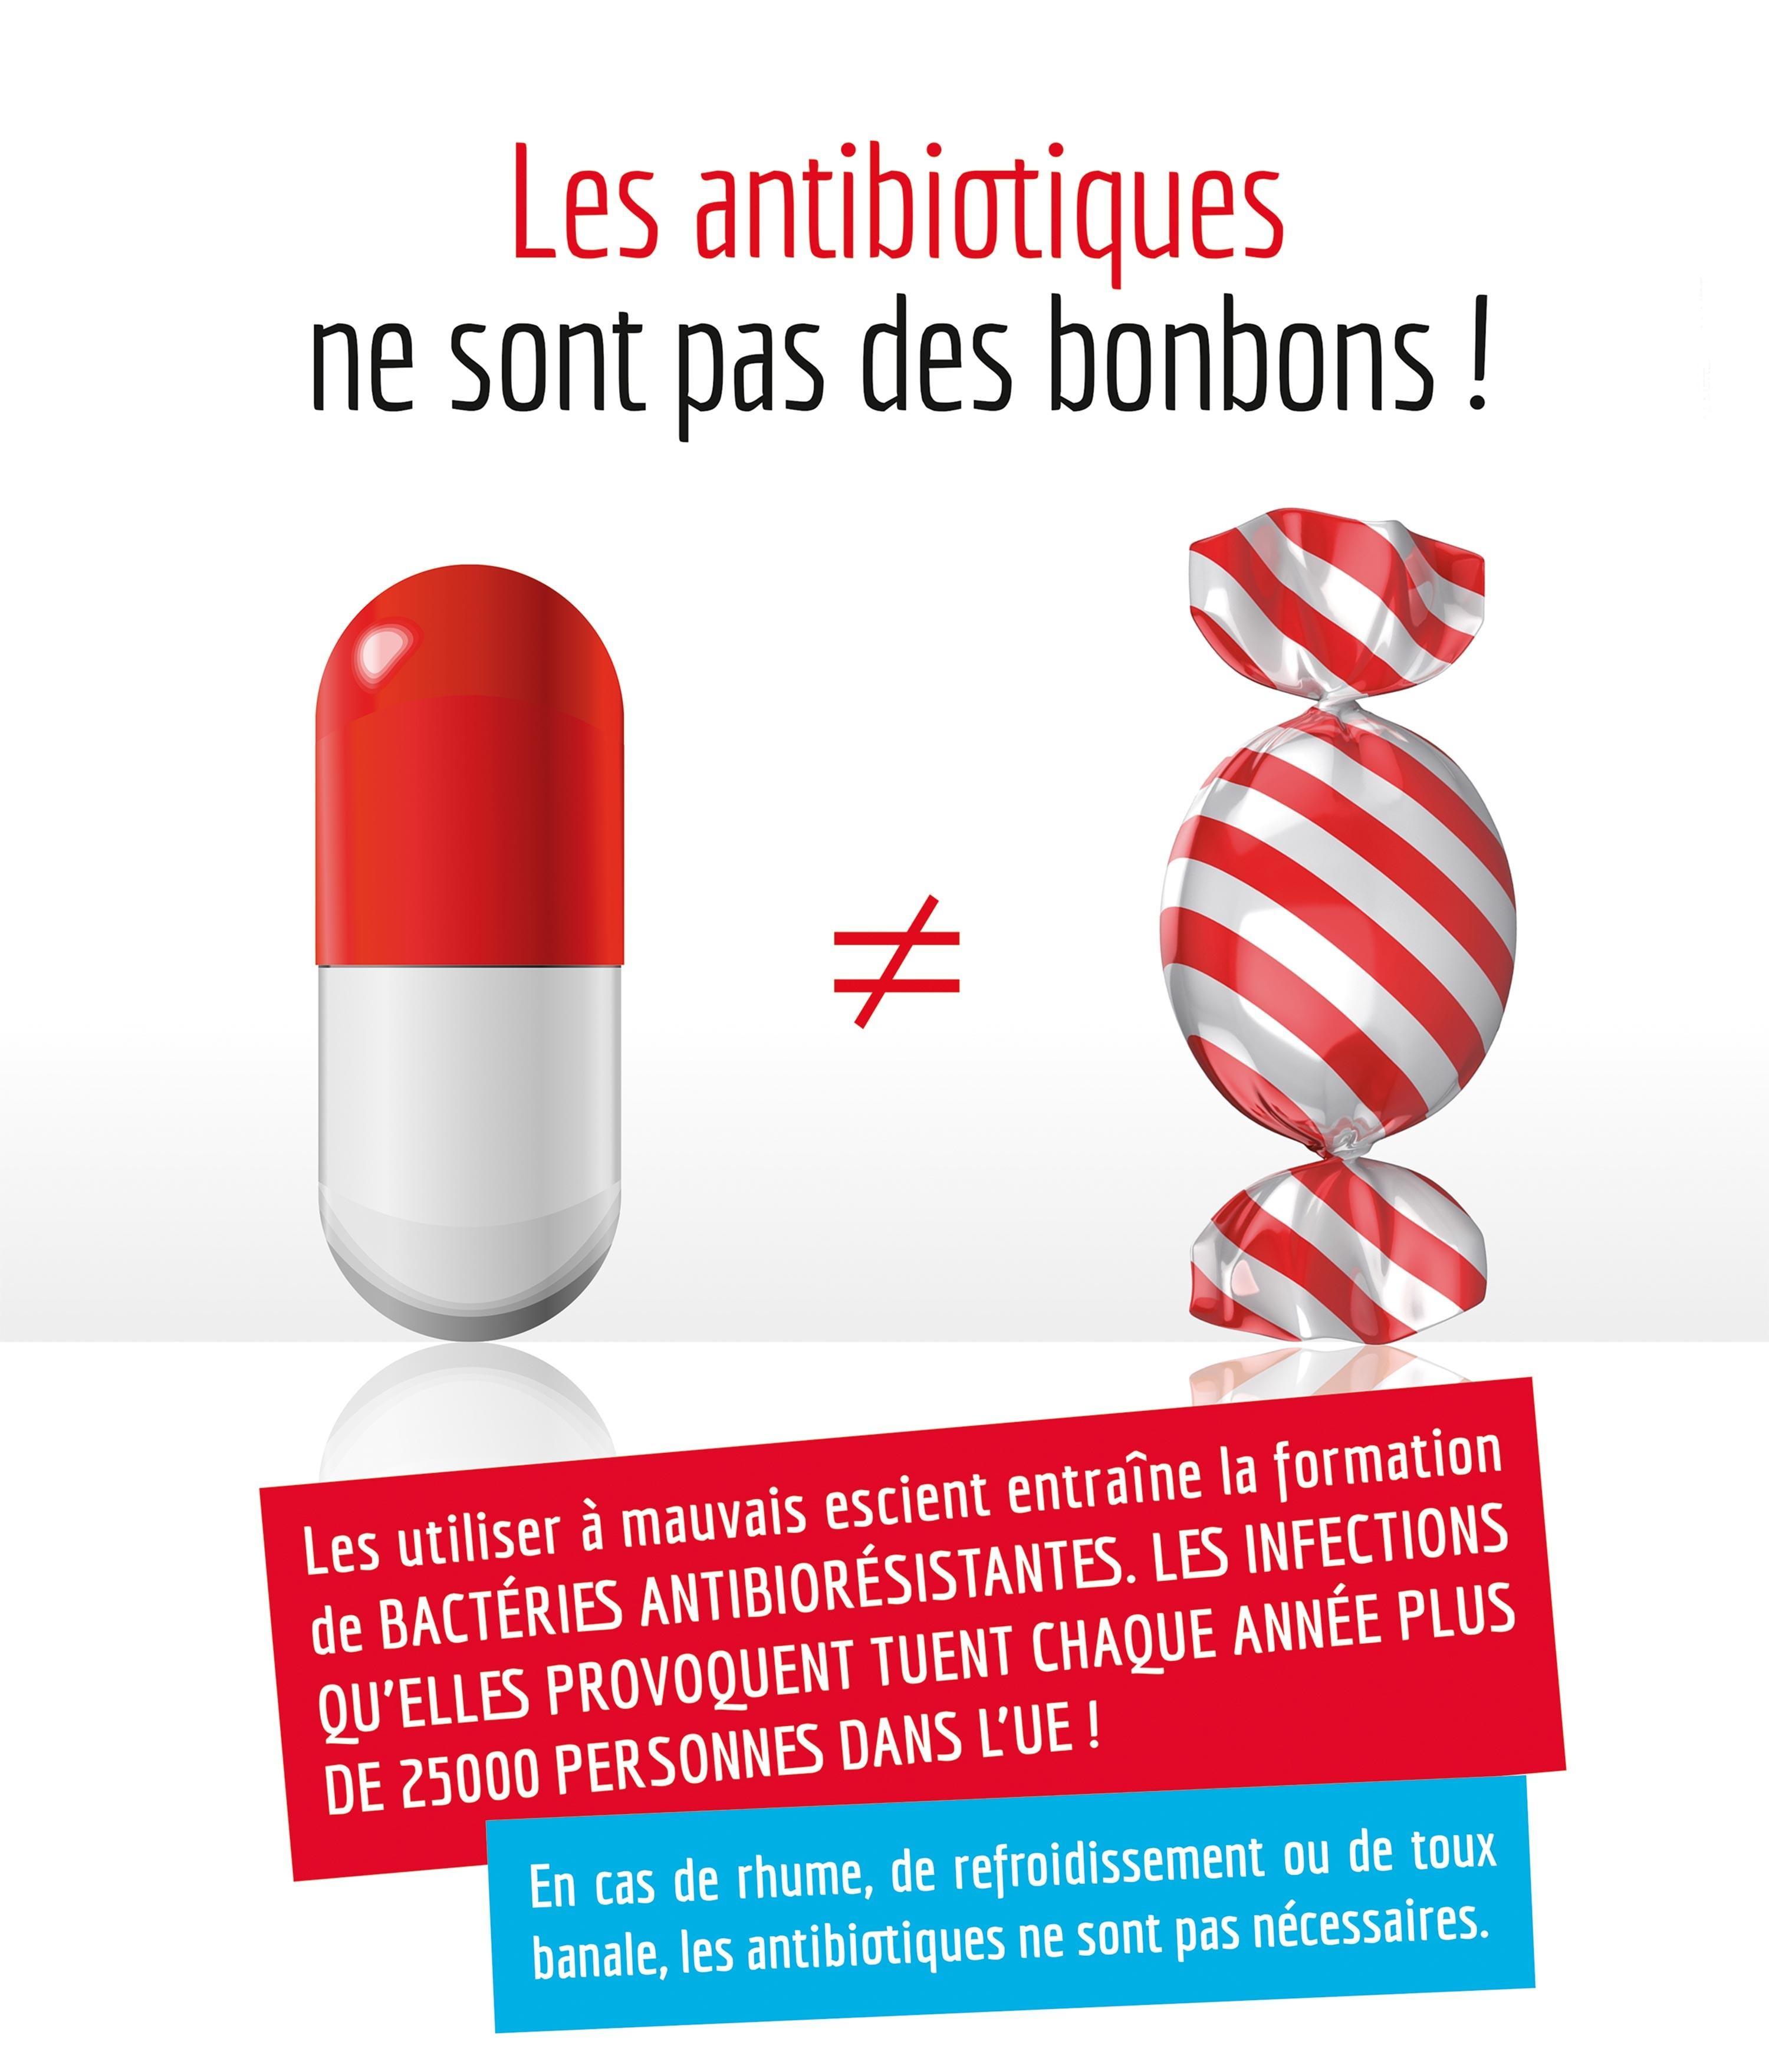 <stamp theme='svt-green1'>Doc. 5</stamp> Une campagne pour la bonne utilisation des antibiotiques au Luxembourg.